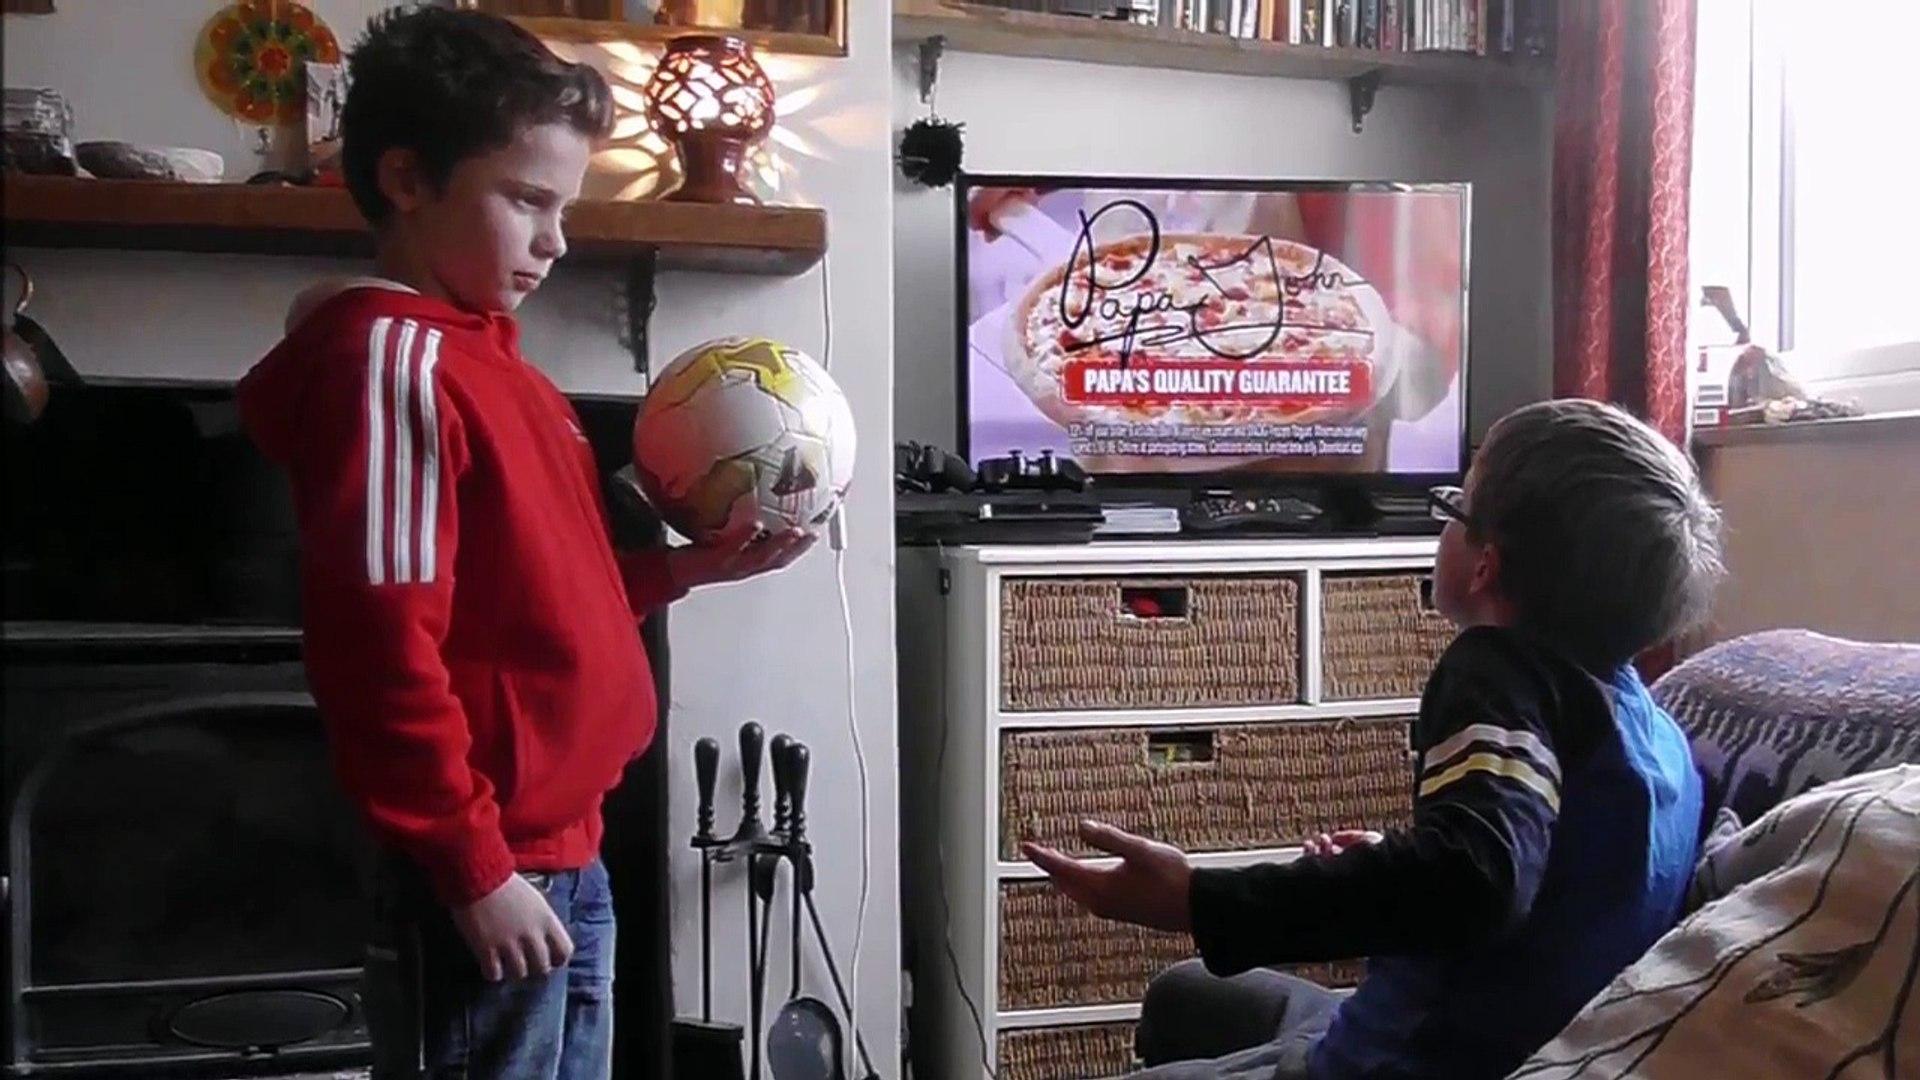 PSL_B2_L10 TV Shows: Watching TV